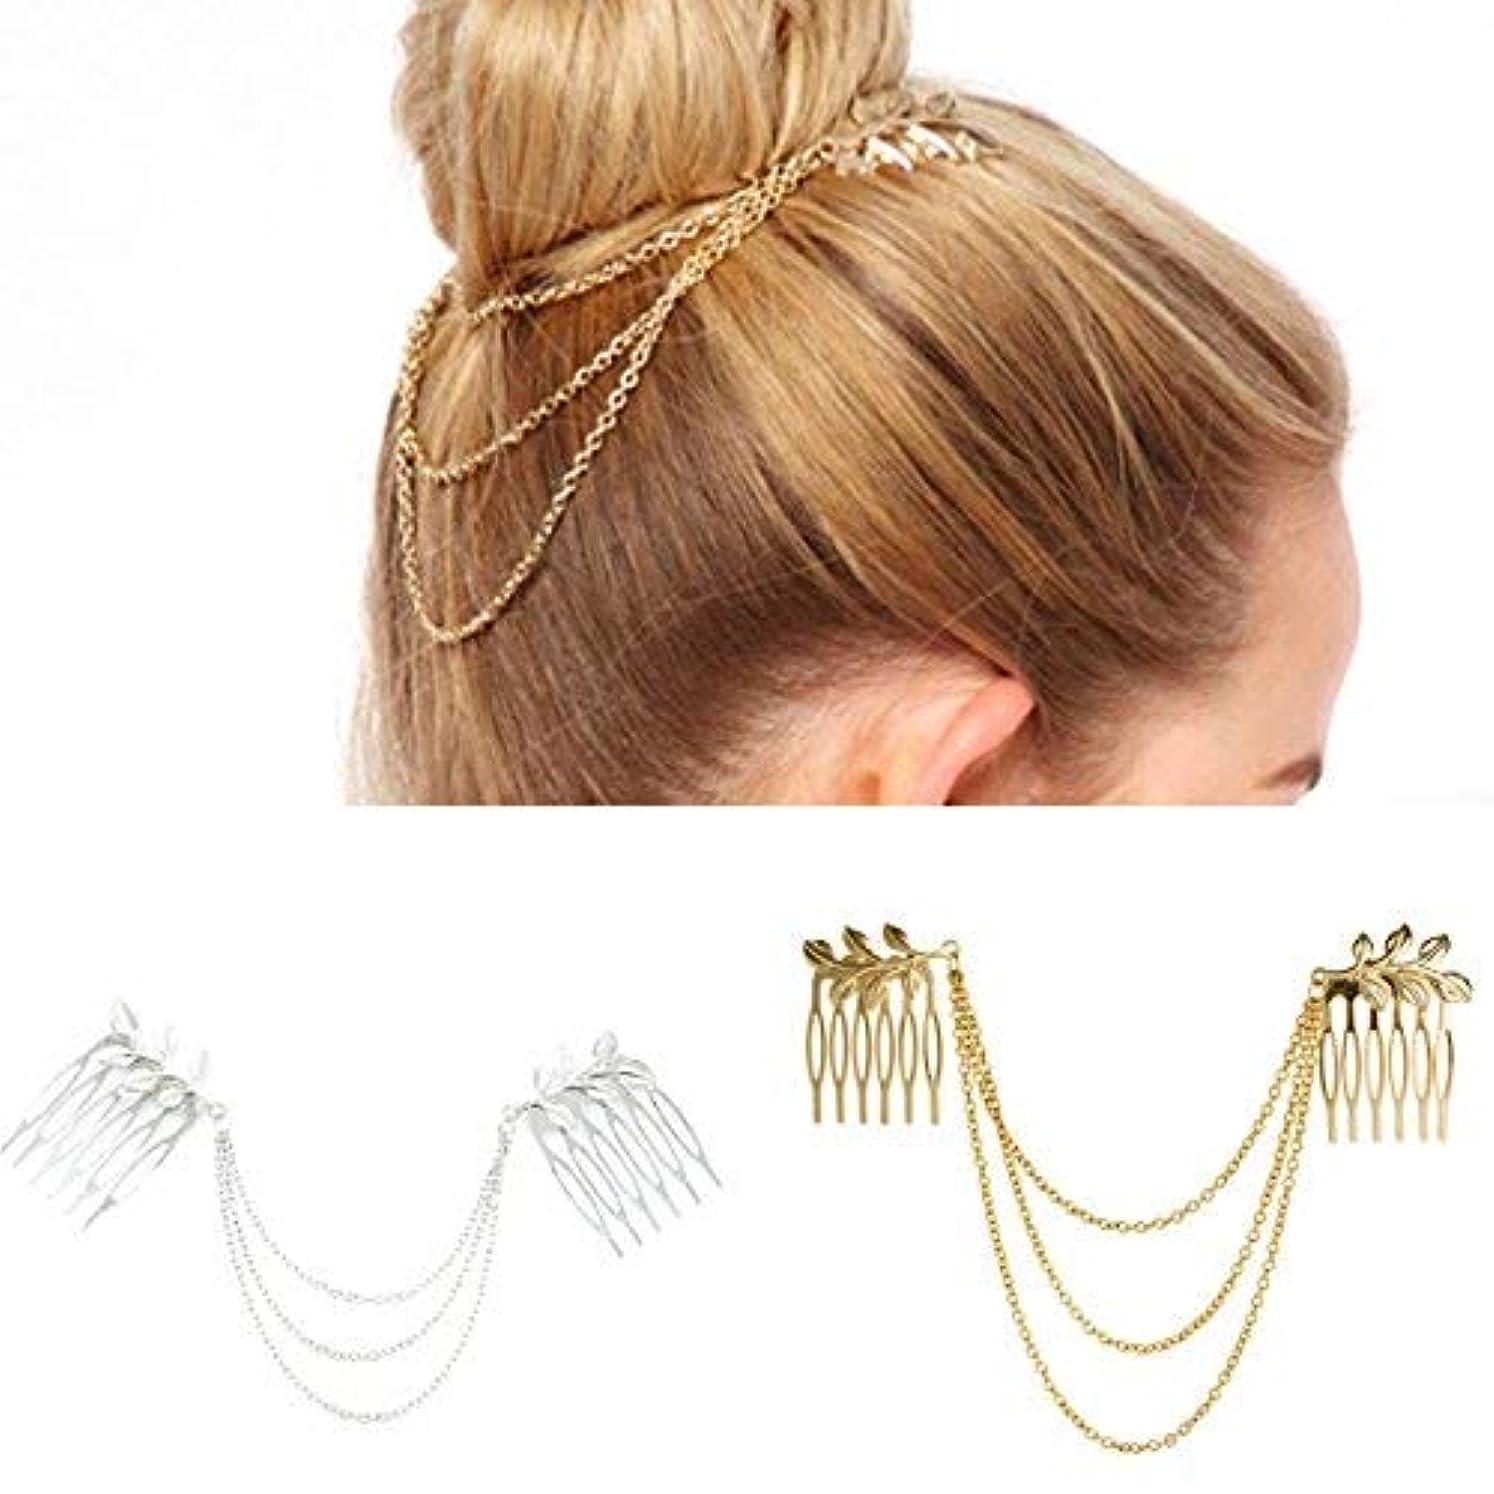 ベテランアクチュエータロゴNumblartd 2 Pcs Women BOHO Chic Metal Leaf Chain Tassel Headband Hair Comb - Fashion Fringe Hair Clip Pins Hairpin...